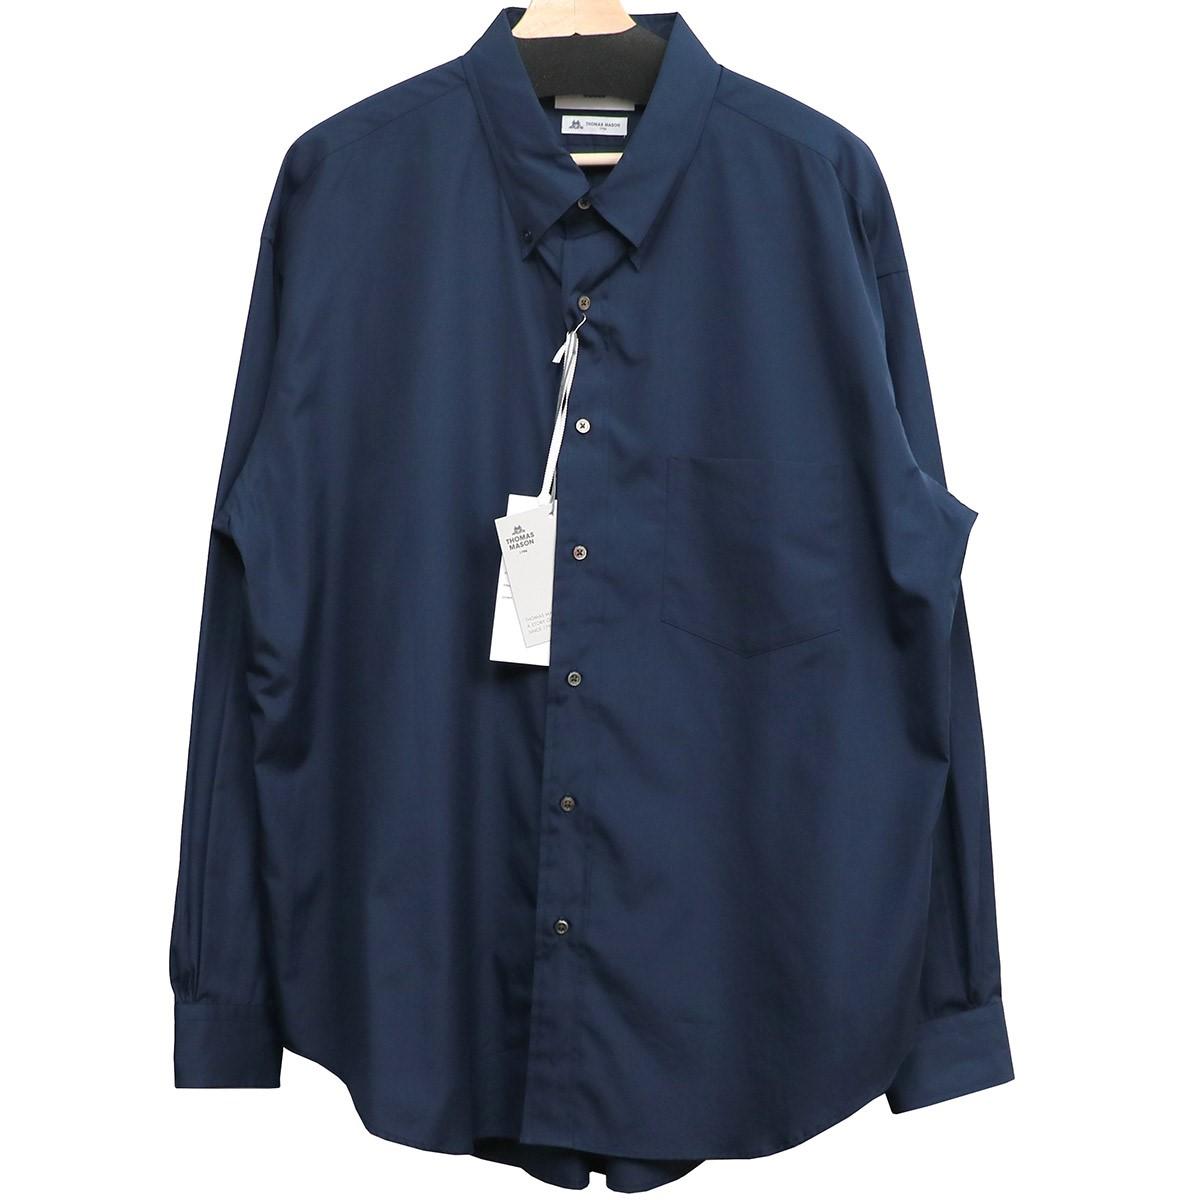 【中古】Graphpaper×THOMAS MASON 19AW B.D Box Shirtボタンダウンオーバーシャツ ネイビー サイズ:3 【060620】(グラフペーパー トーマスメイソン)